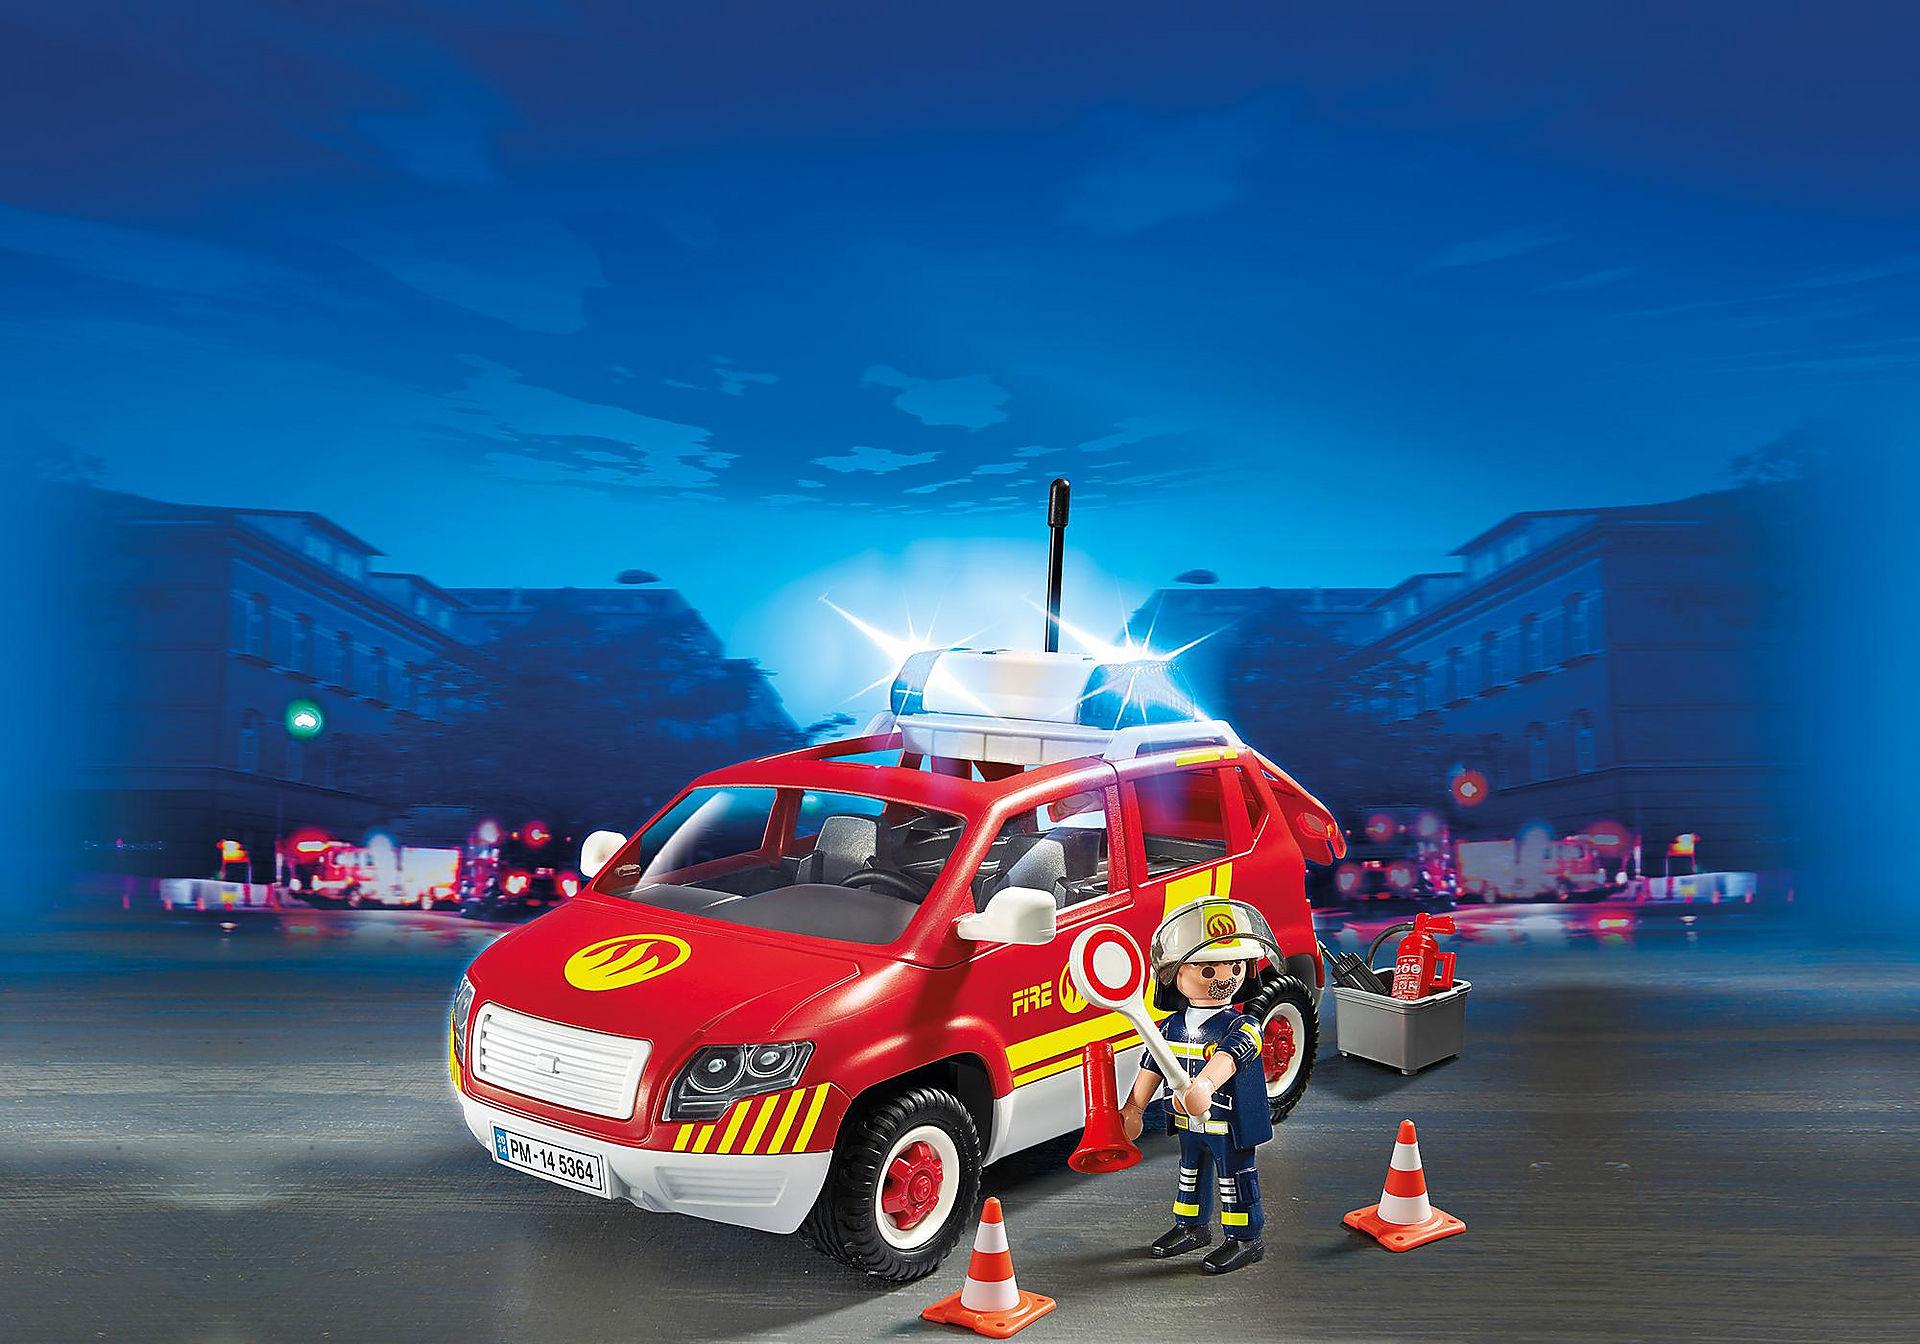 http://media.playmobil.com/i/playmobil/5364_product_detail/Brandweercommandant met dienstwagen met licht en sirene